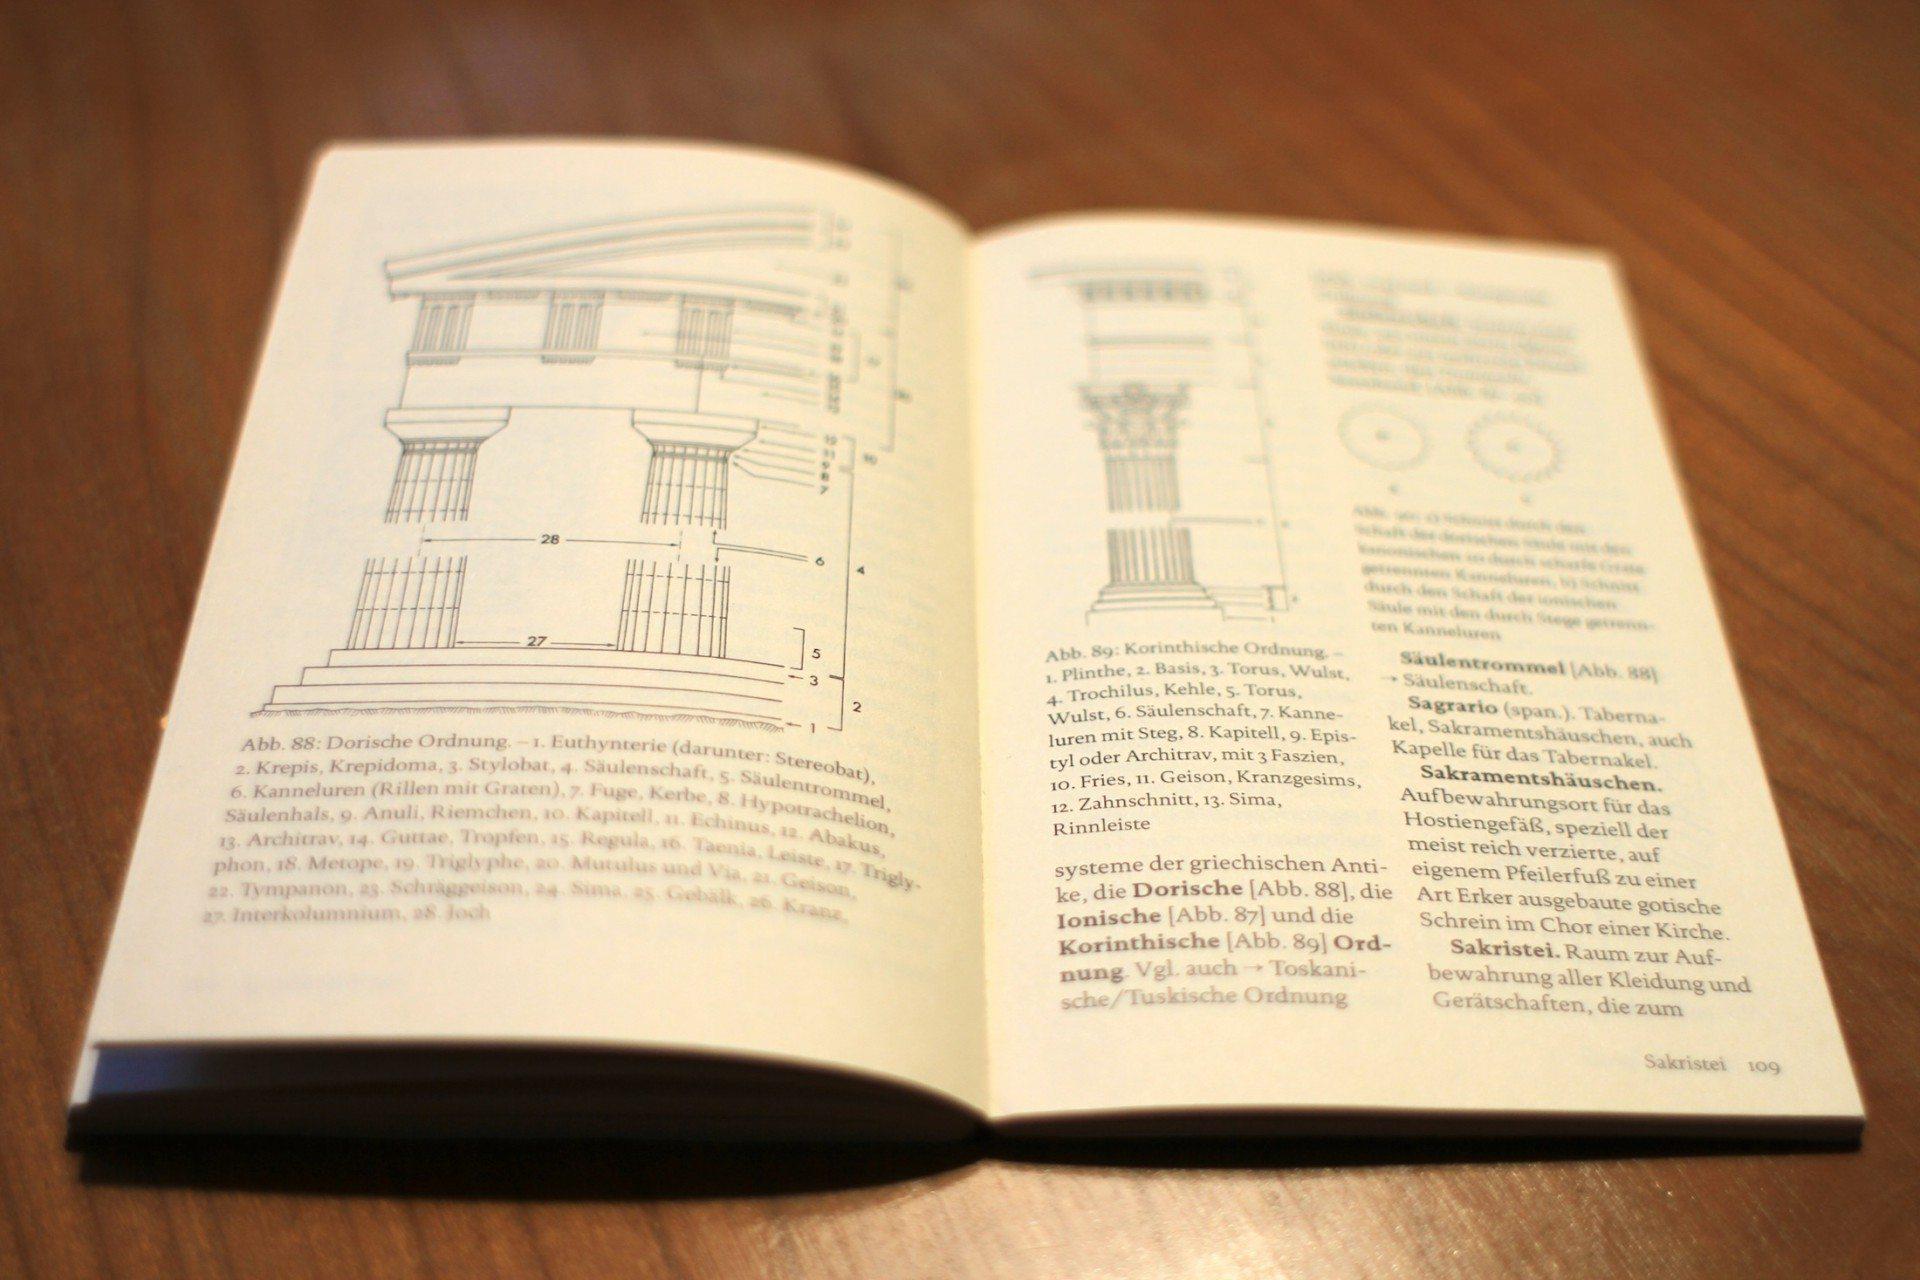 Dorische Ordnung. Wörterbuch der Architektur